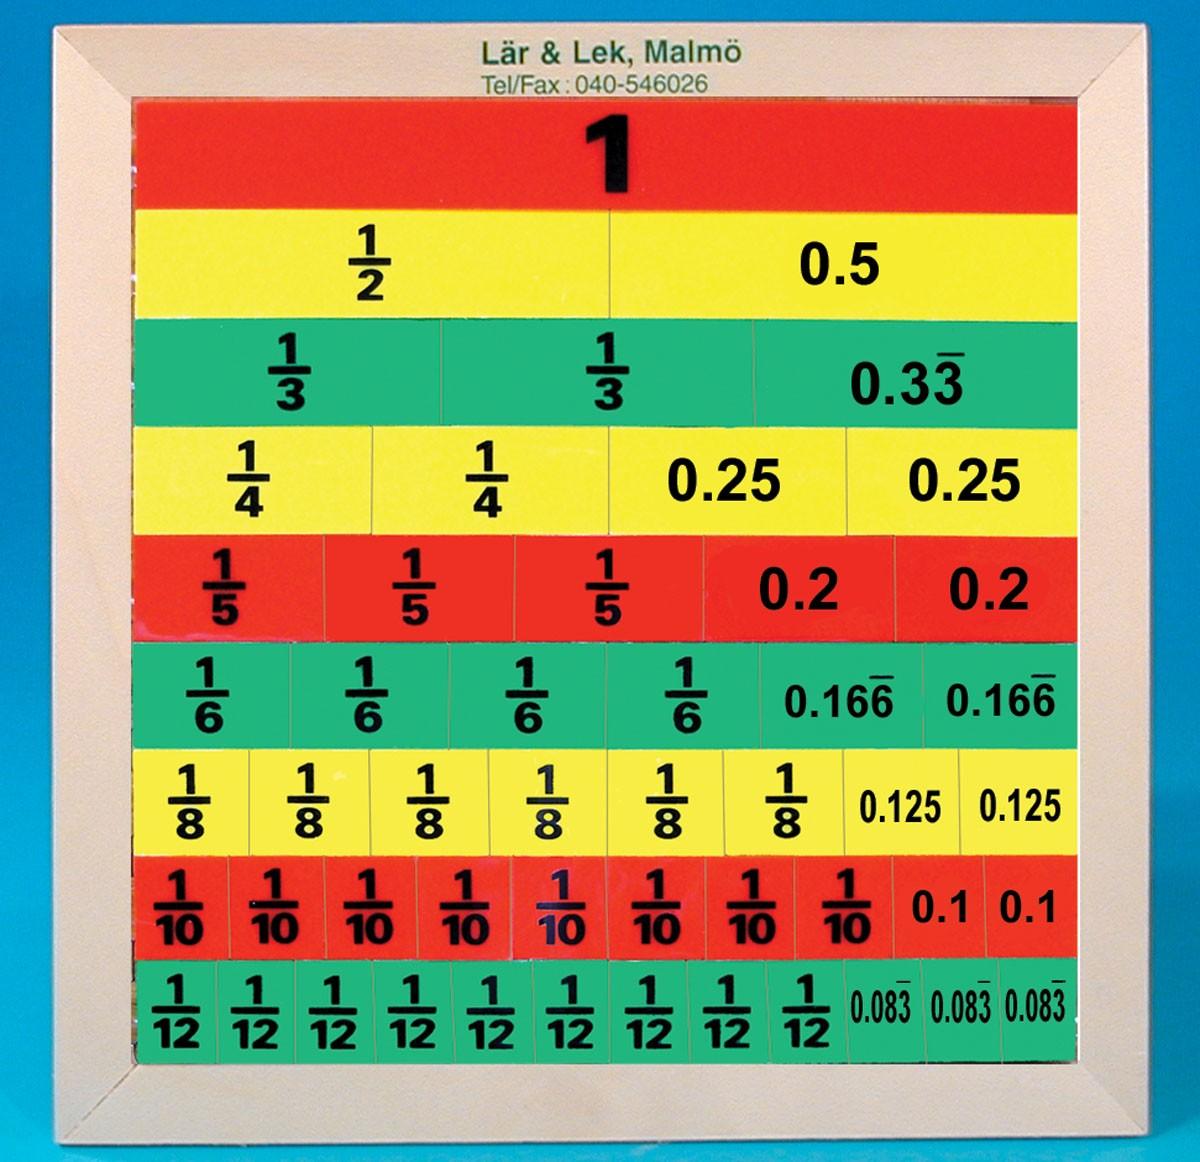 Bråktavla, bråk och decimaler